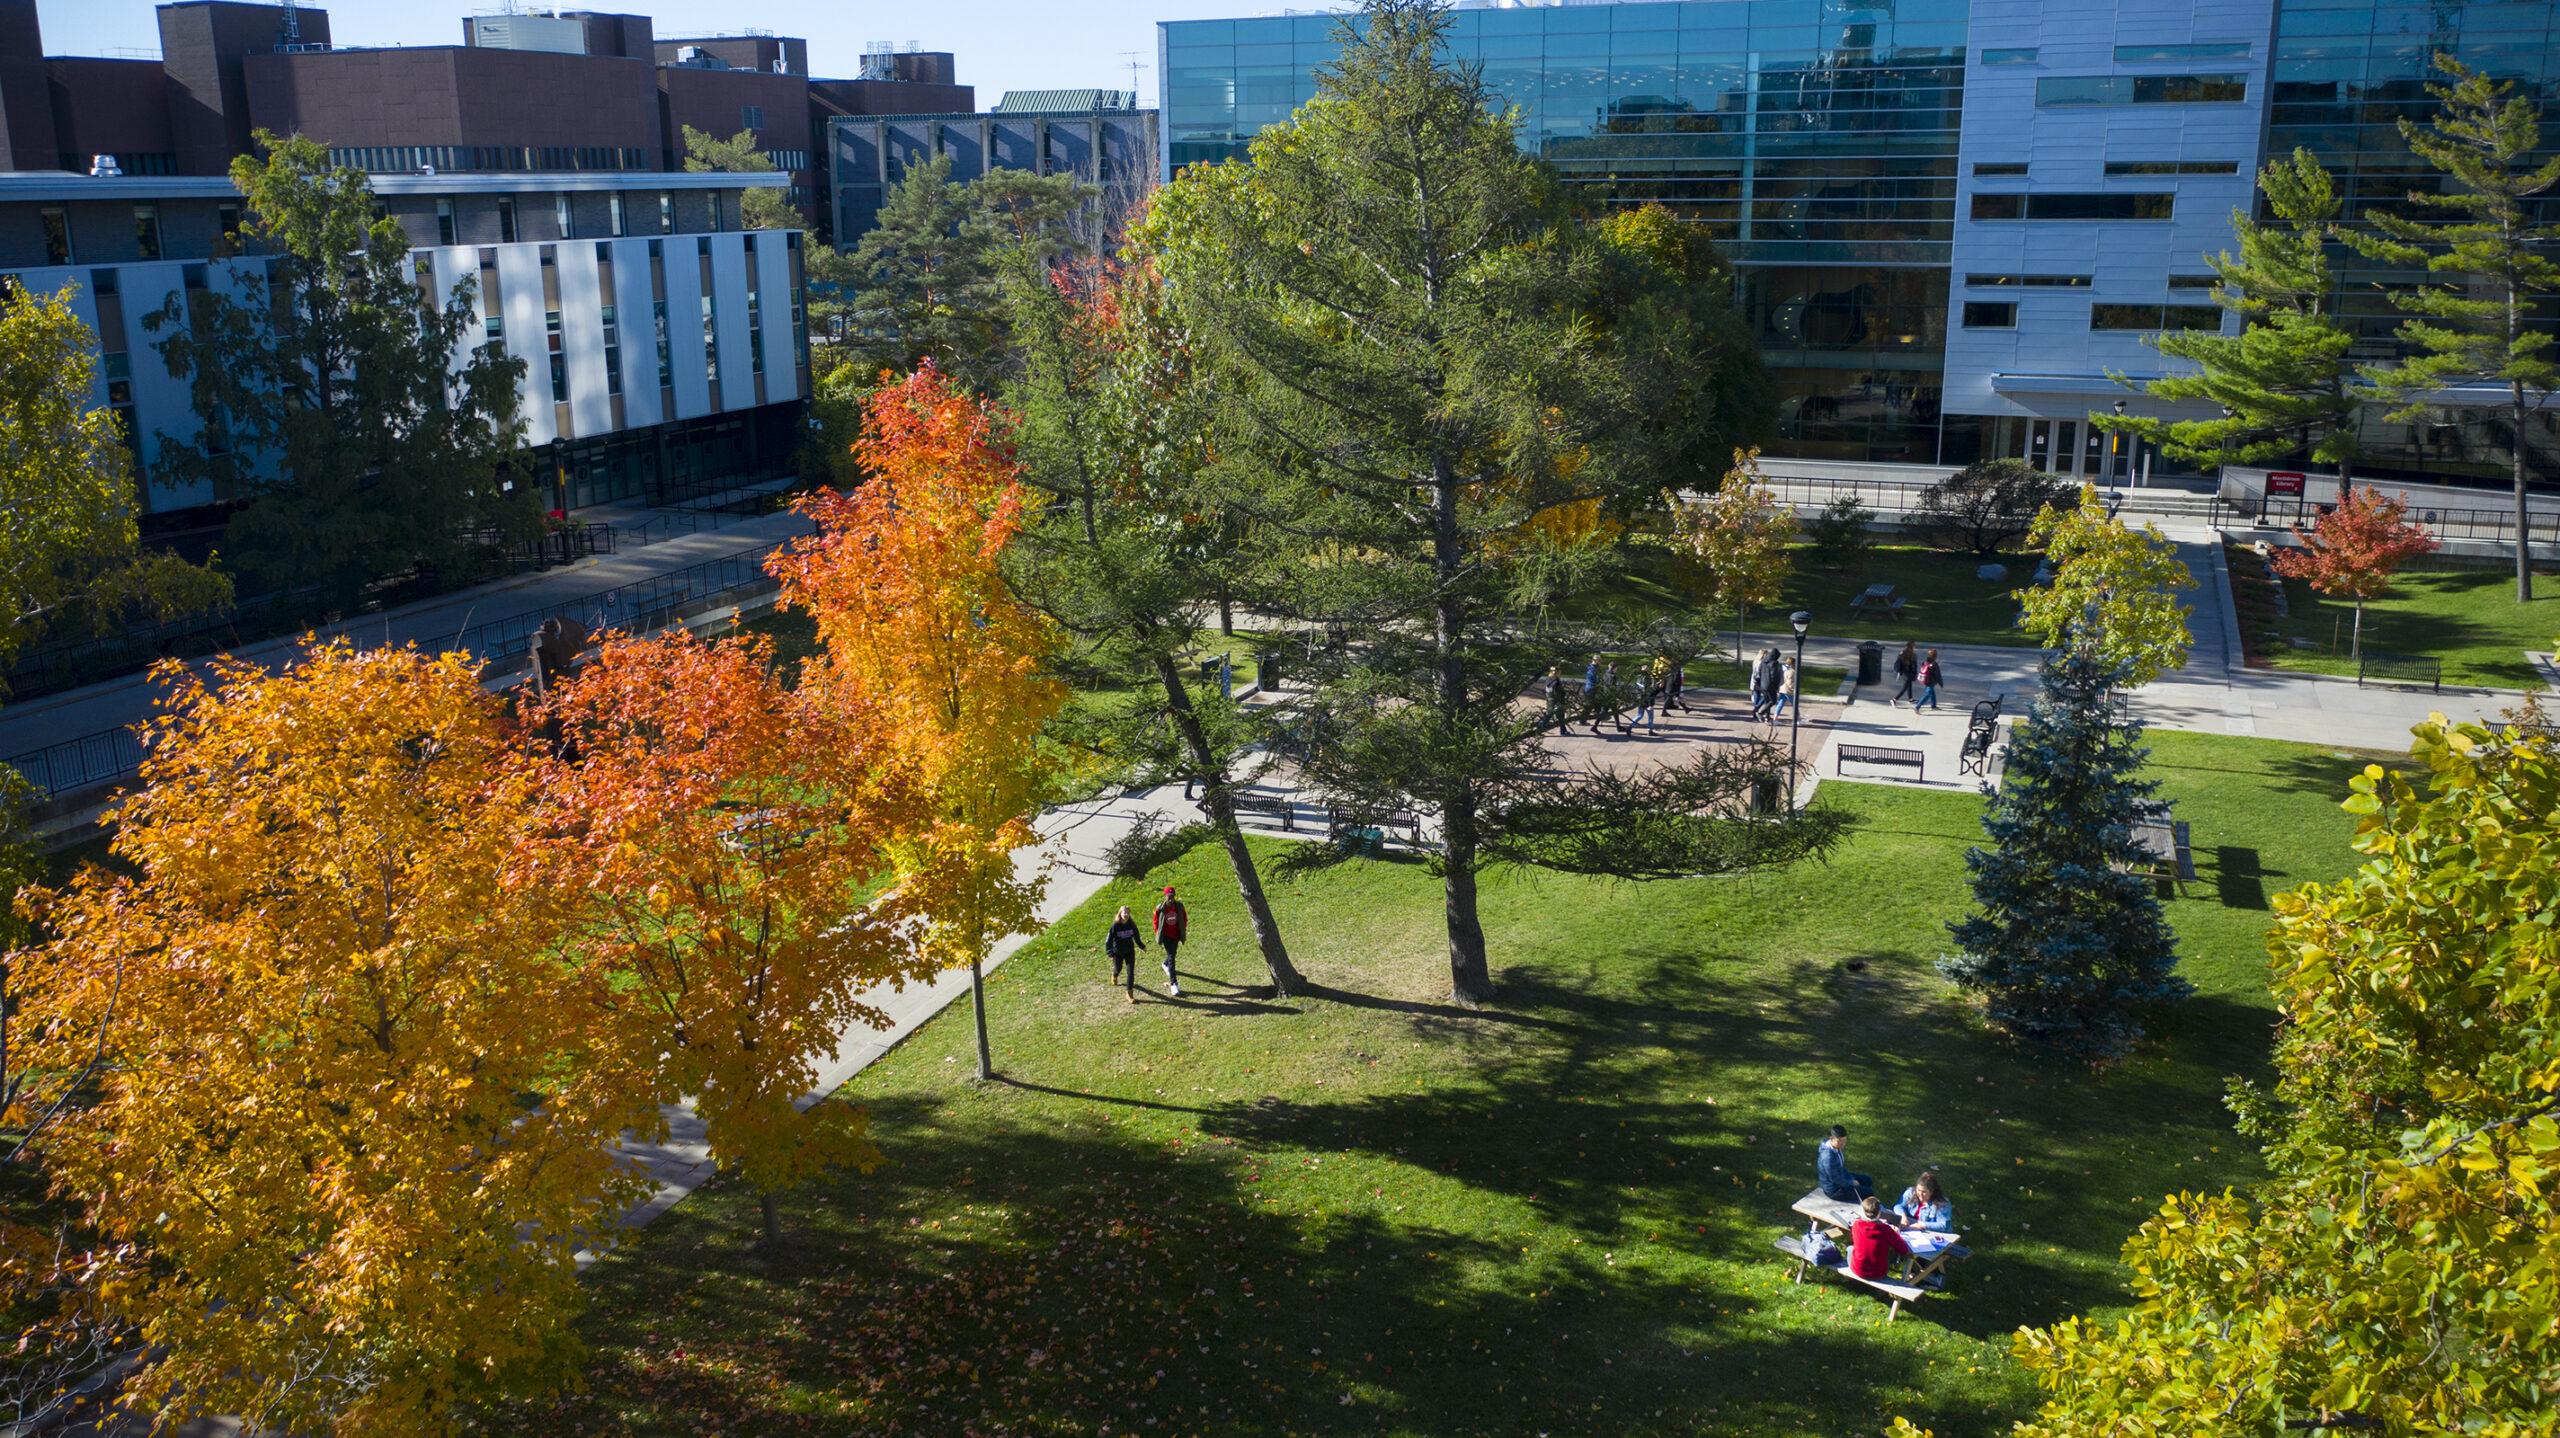 Carleton University Main